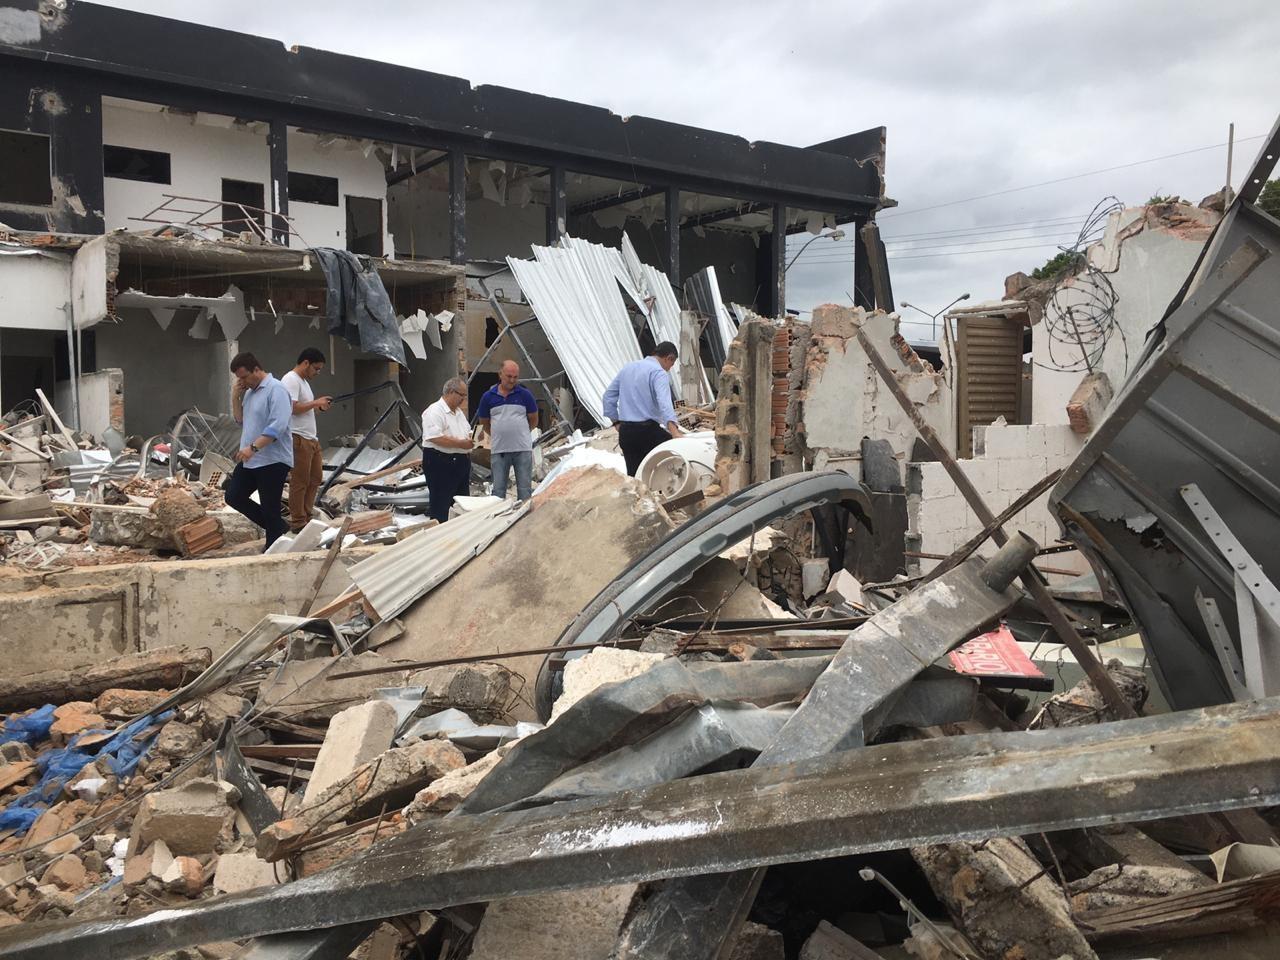 Aos poucos, comerciantes de Formiga retomam as atividades na rua em que padaria explodiu - Notícias - Plantão Diário